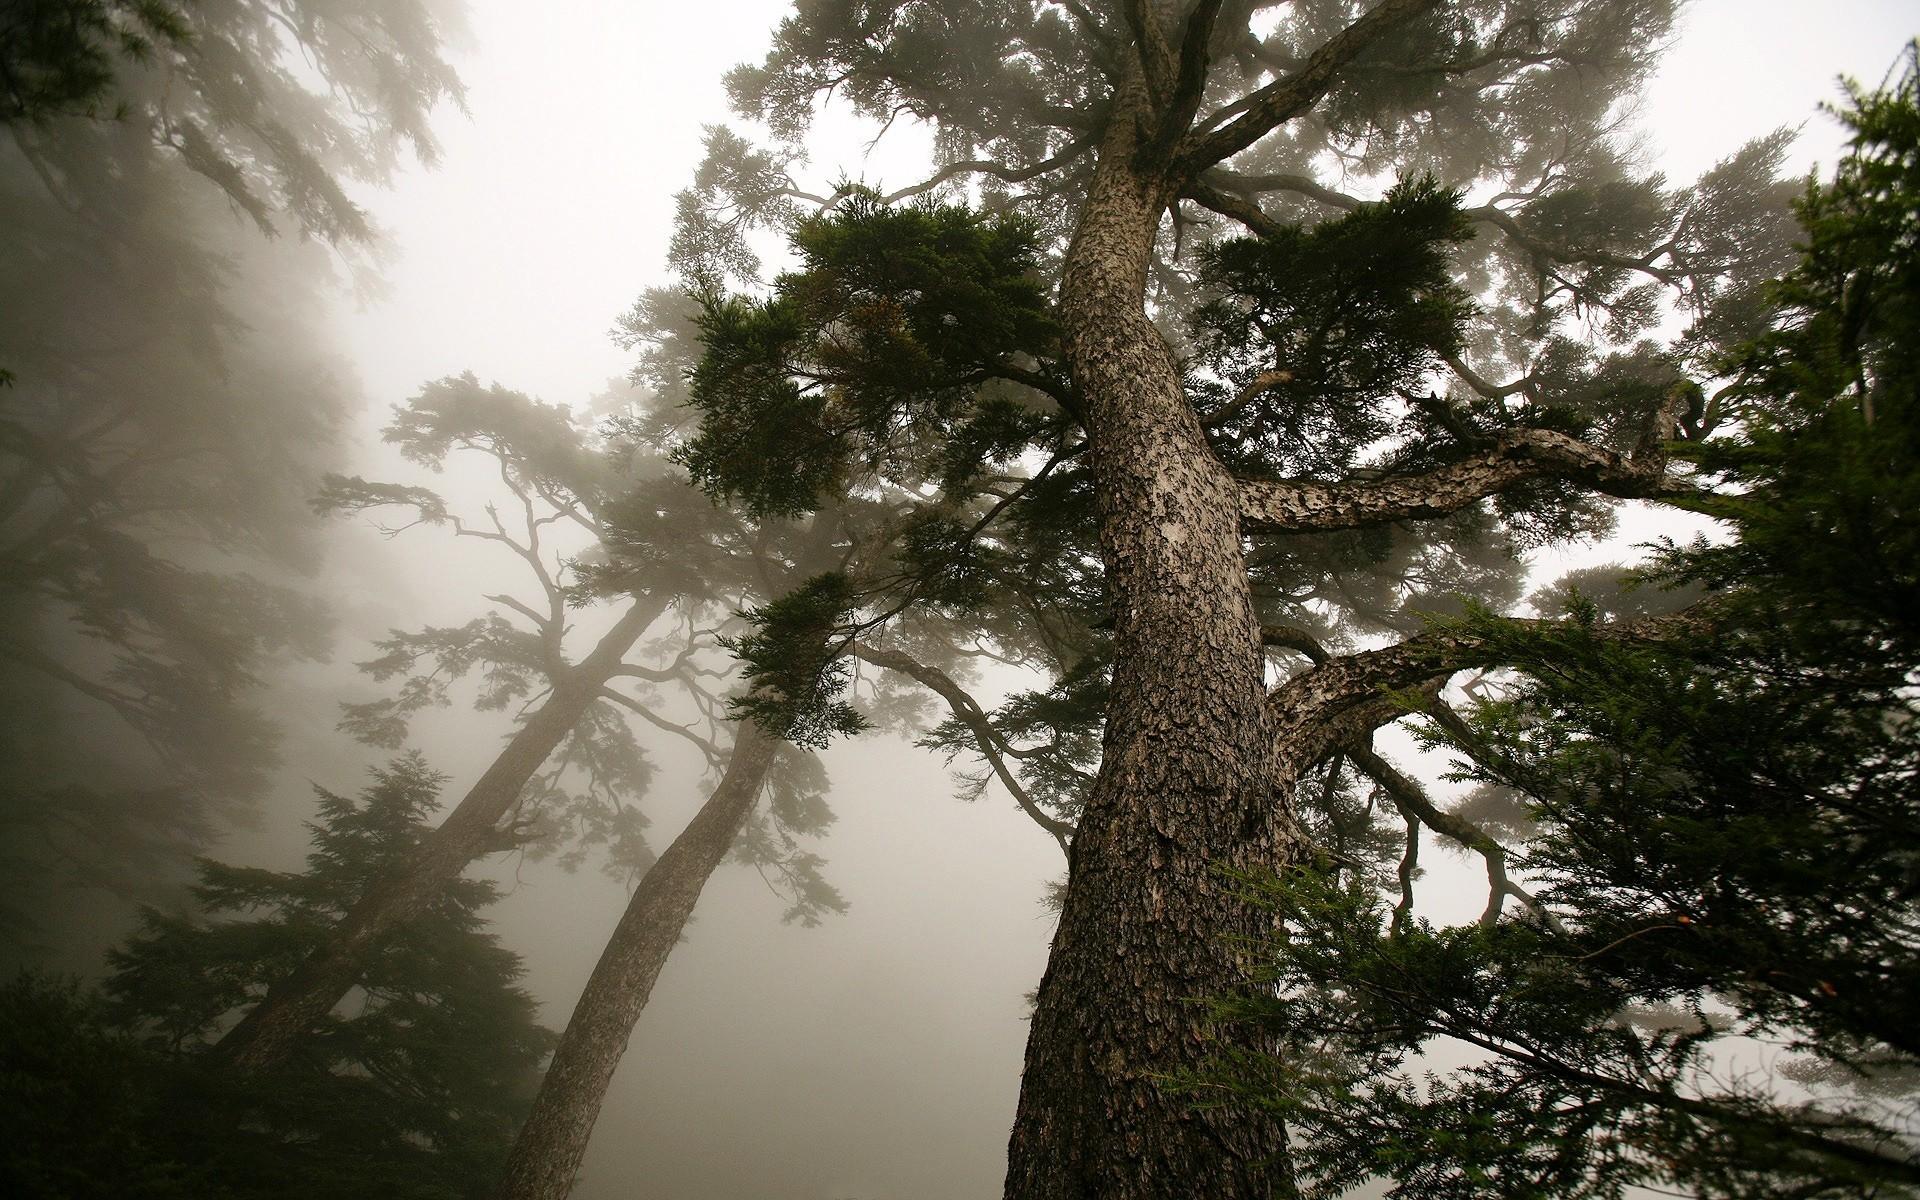 雲霧中的松樹, 能高山 (Trees in mist, NengGao Mountain)